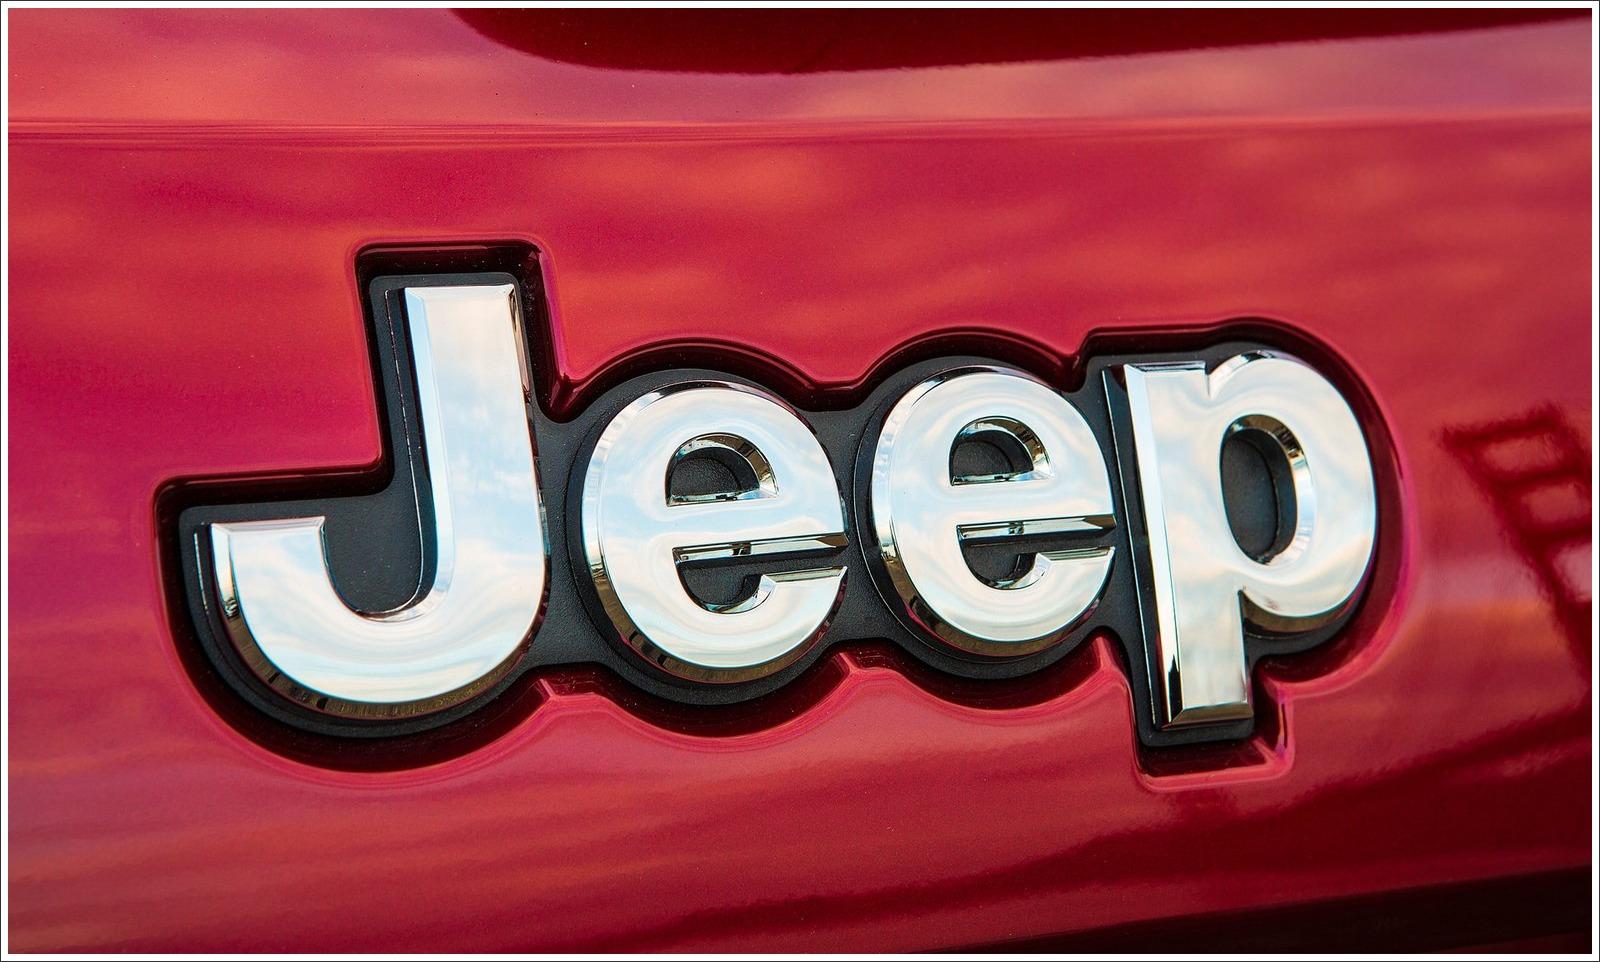 Da li biste vi prodali Jeep brend, da ste u upravi FCA?